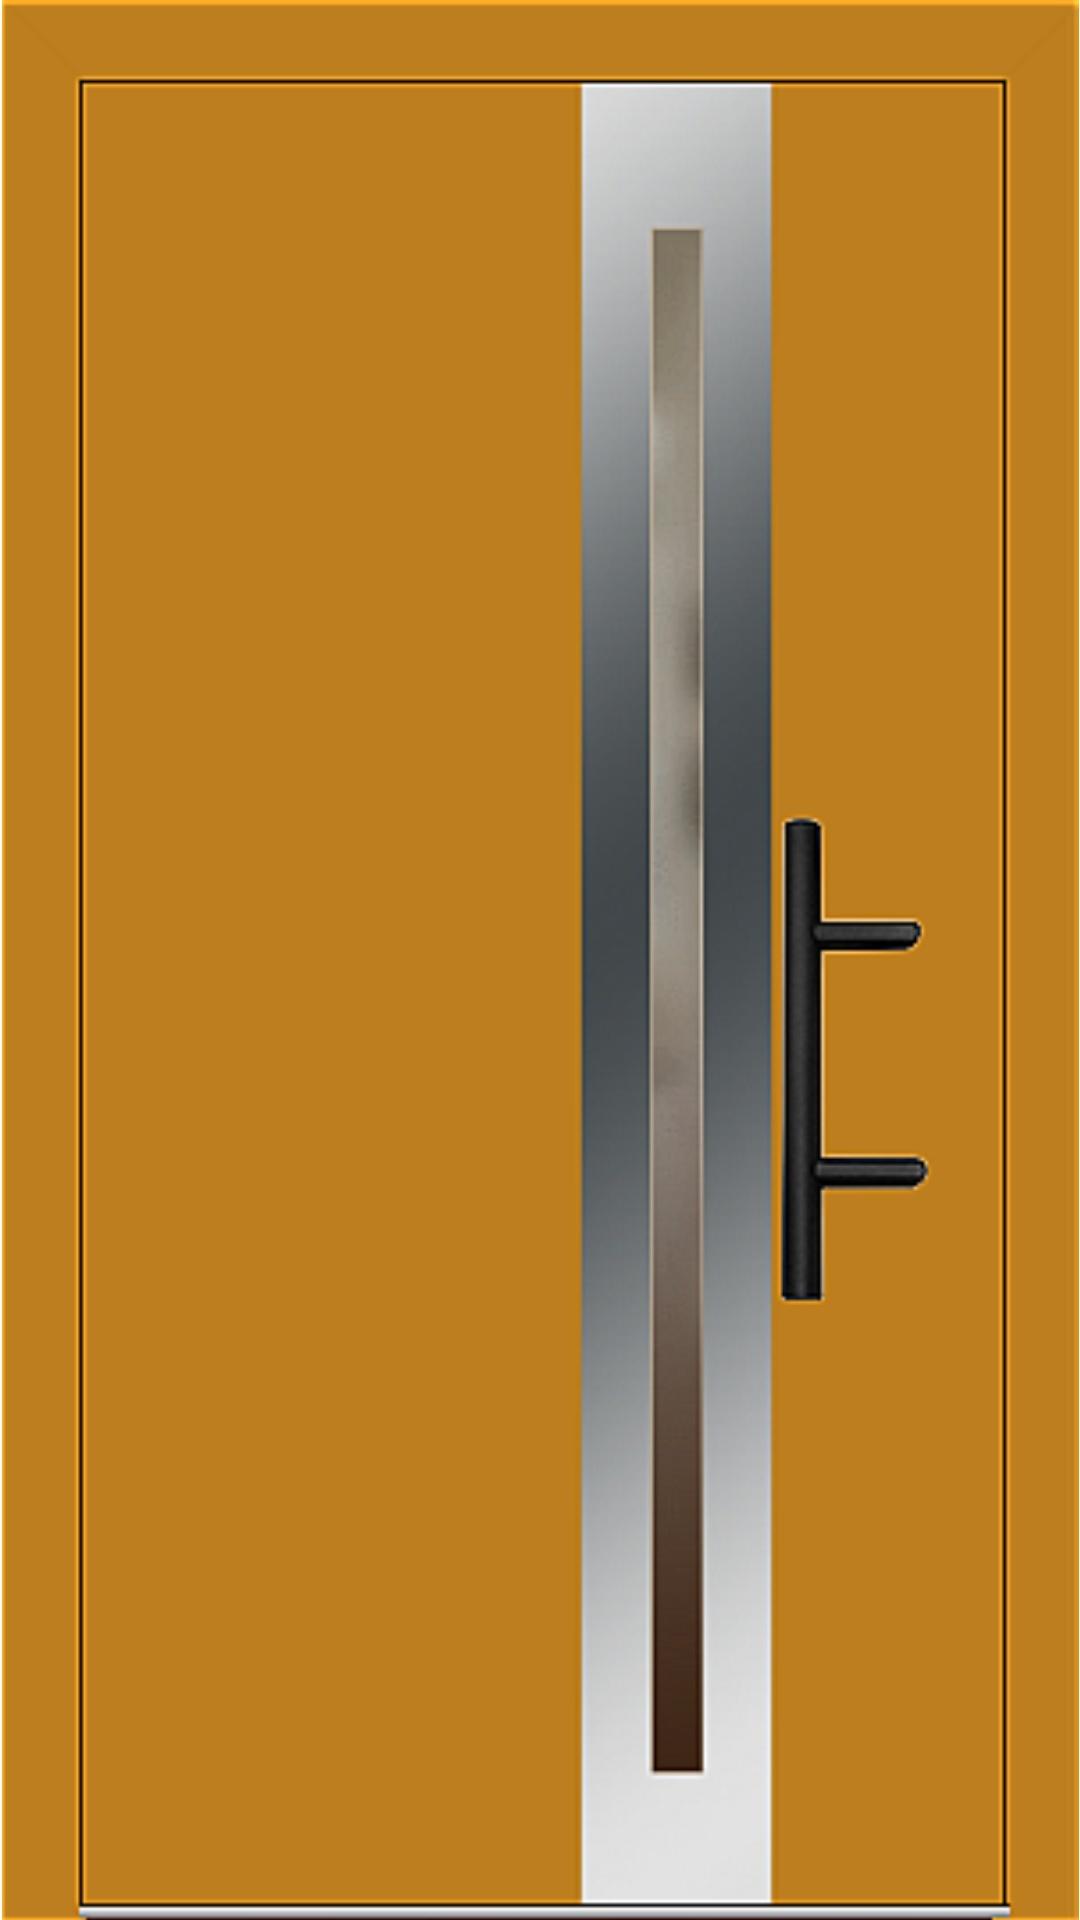 Holz-Alu Haustür Modell 66398 honiggelb